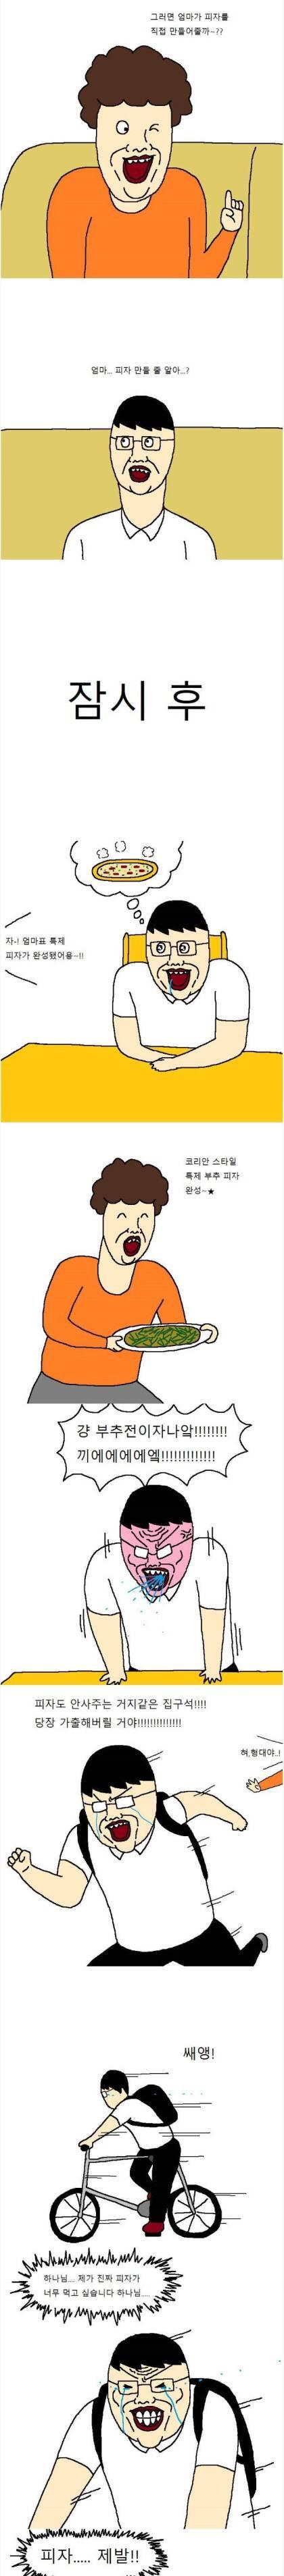 엄마한테 피자 사달라고 조르는 만화.jpg | 인스티즈